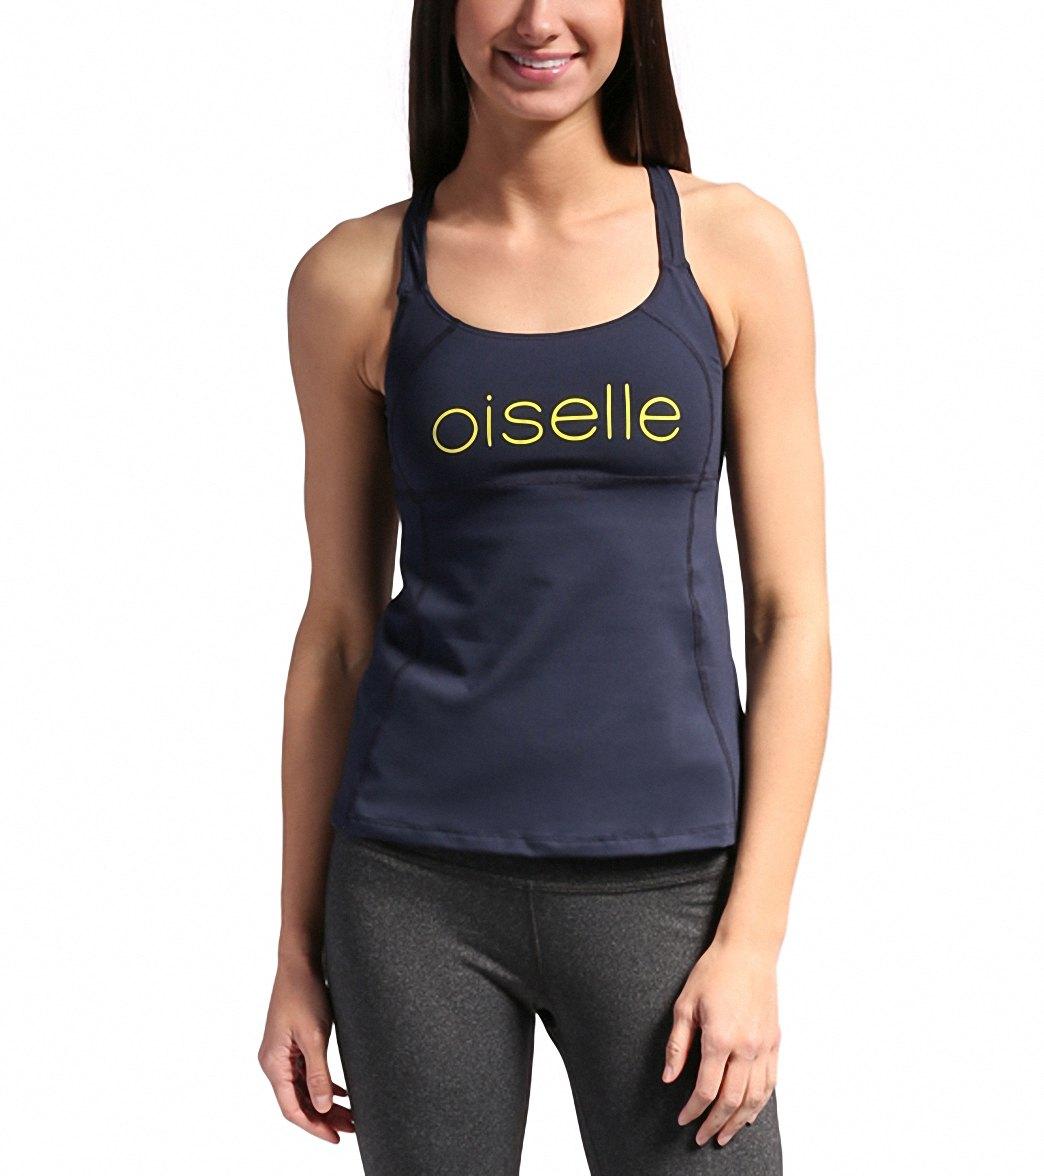 9635c77b8269d Oiselle Women s Lesko Shimmel Run Bra at SwimOutlet.com